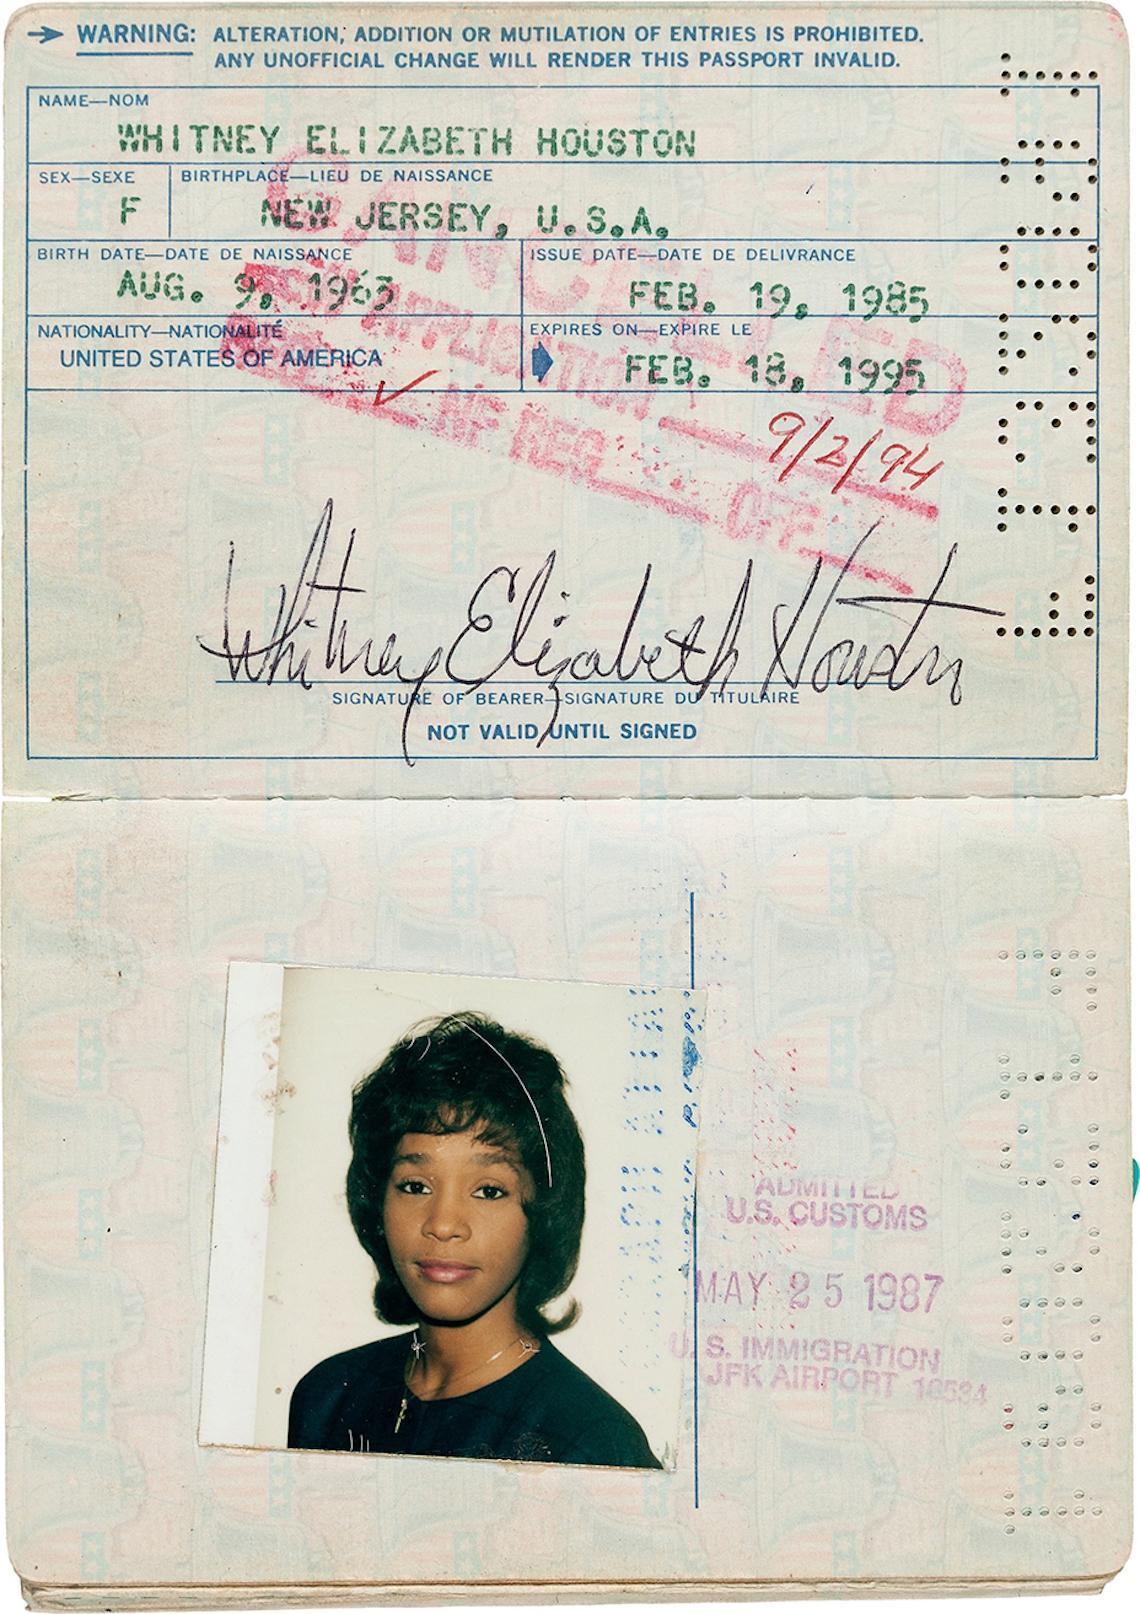 whitneyhouston-pasaporte-050616